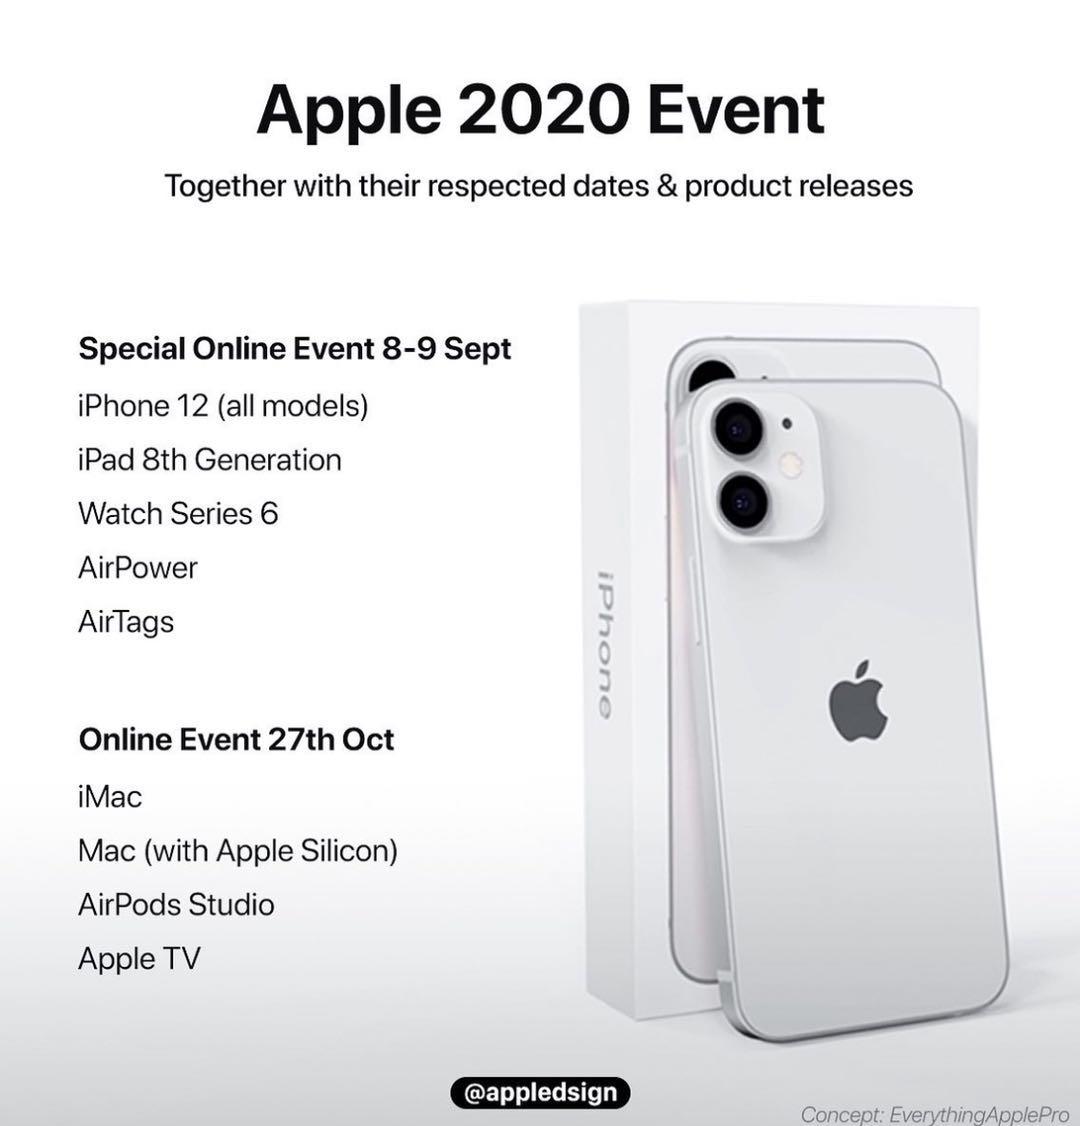 iPhone12系列新品发布会或在9月8日举行  之后将推出下一代iPad Pro以及 Apple Silicon Mac